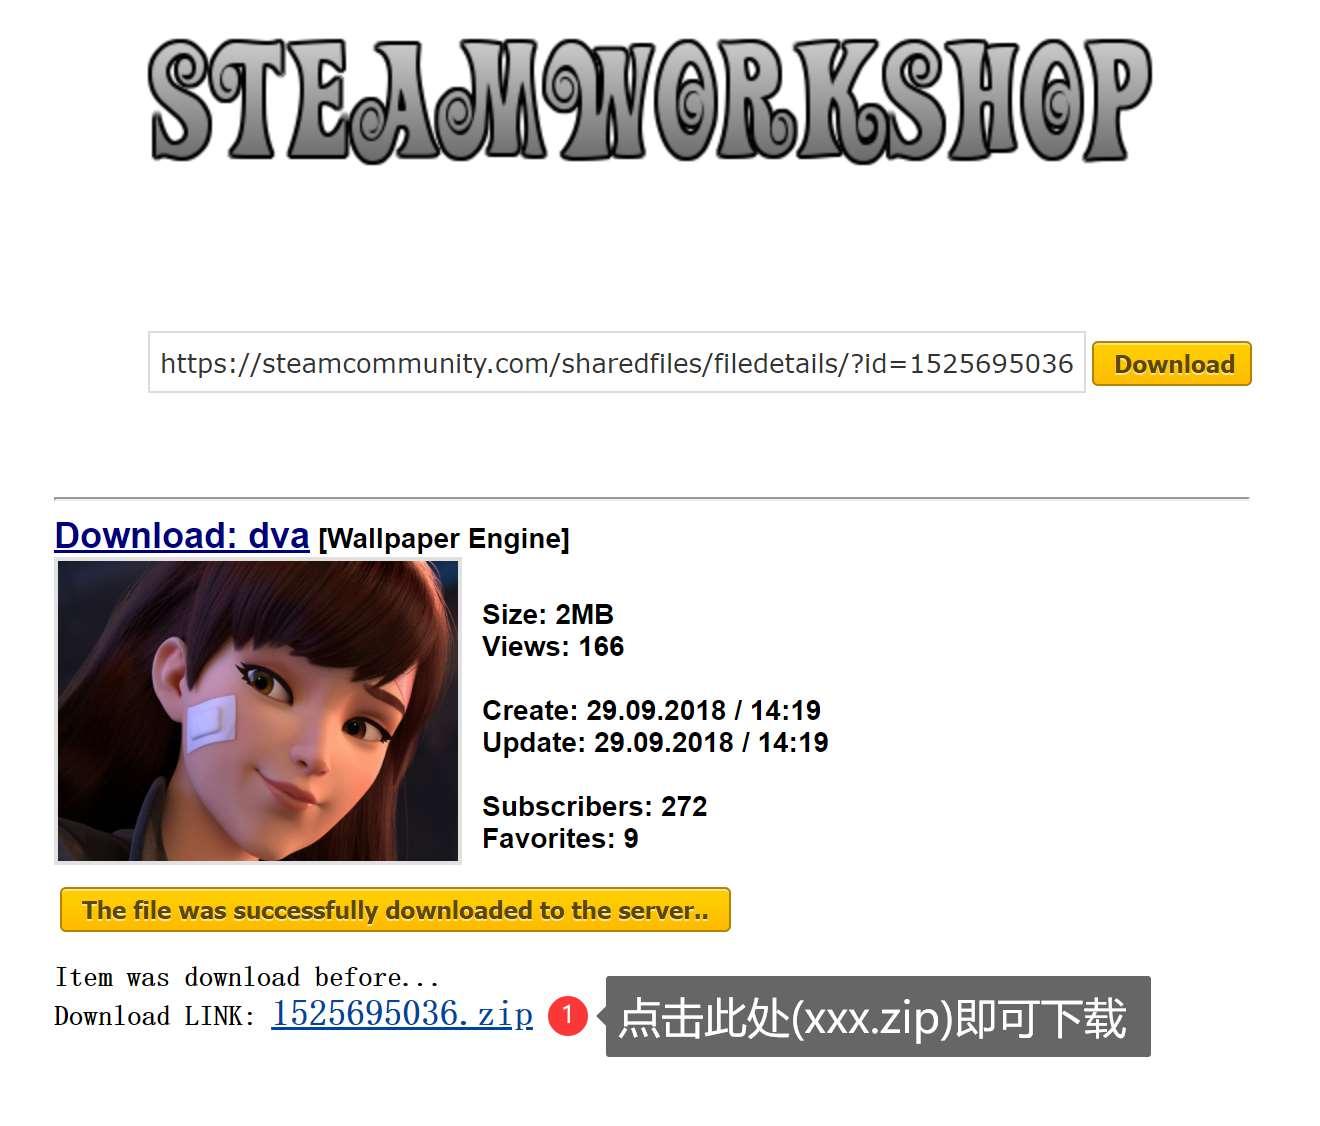 免费下载WallpaperEngine创意工坊的内容